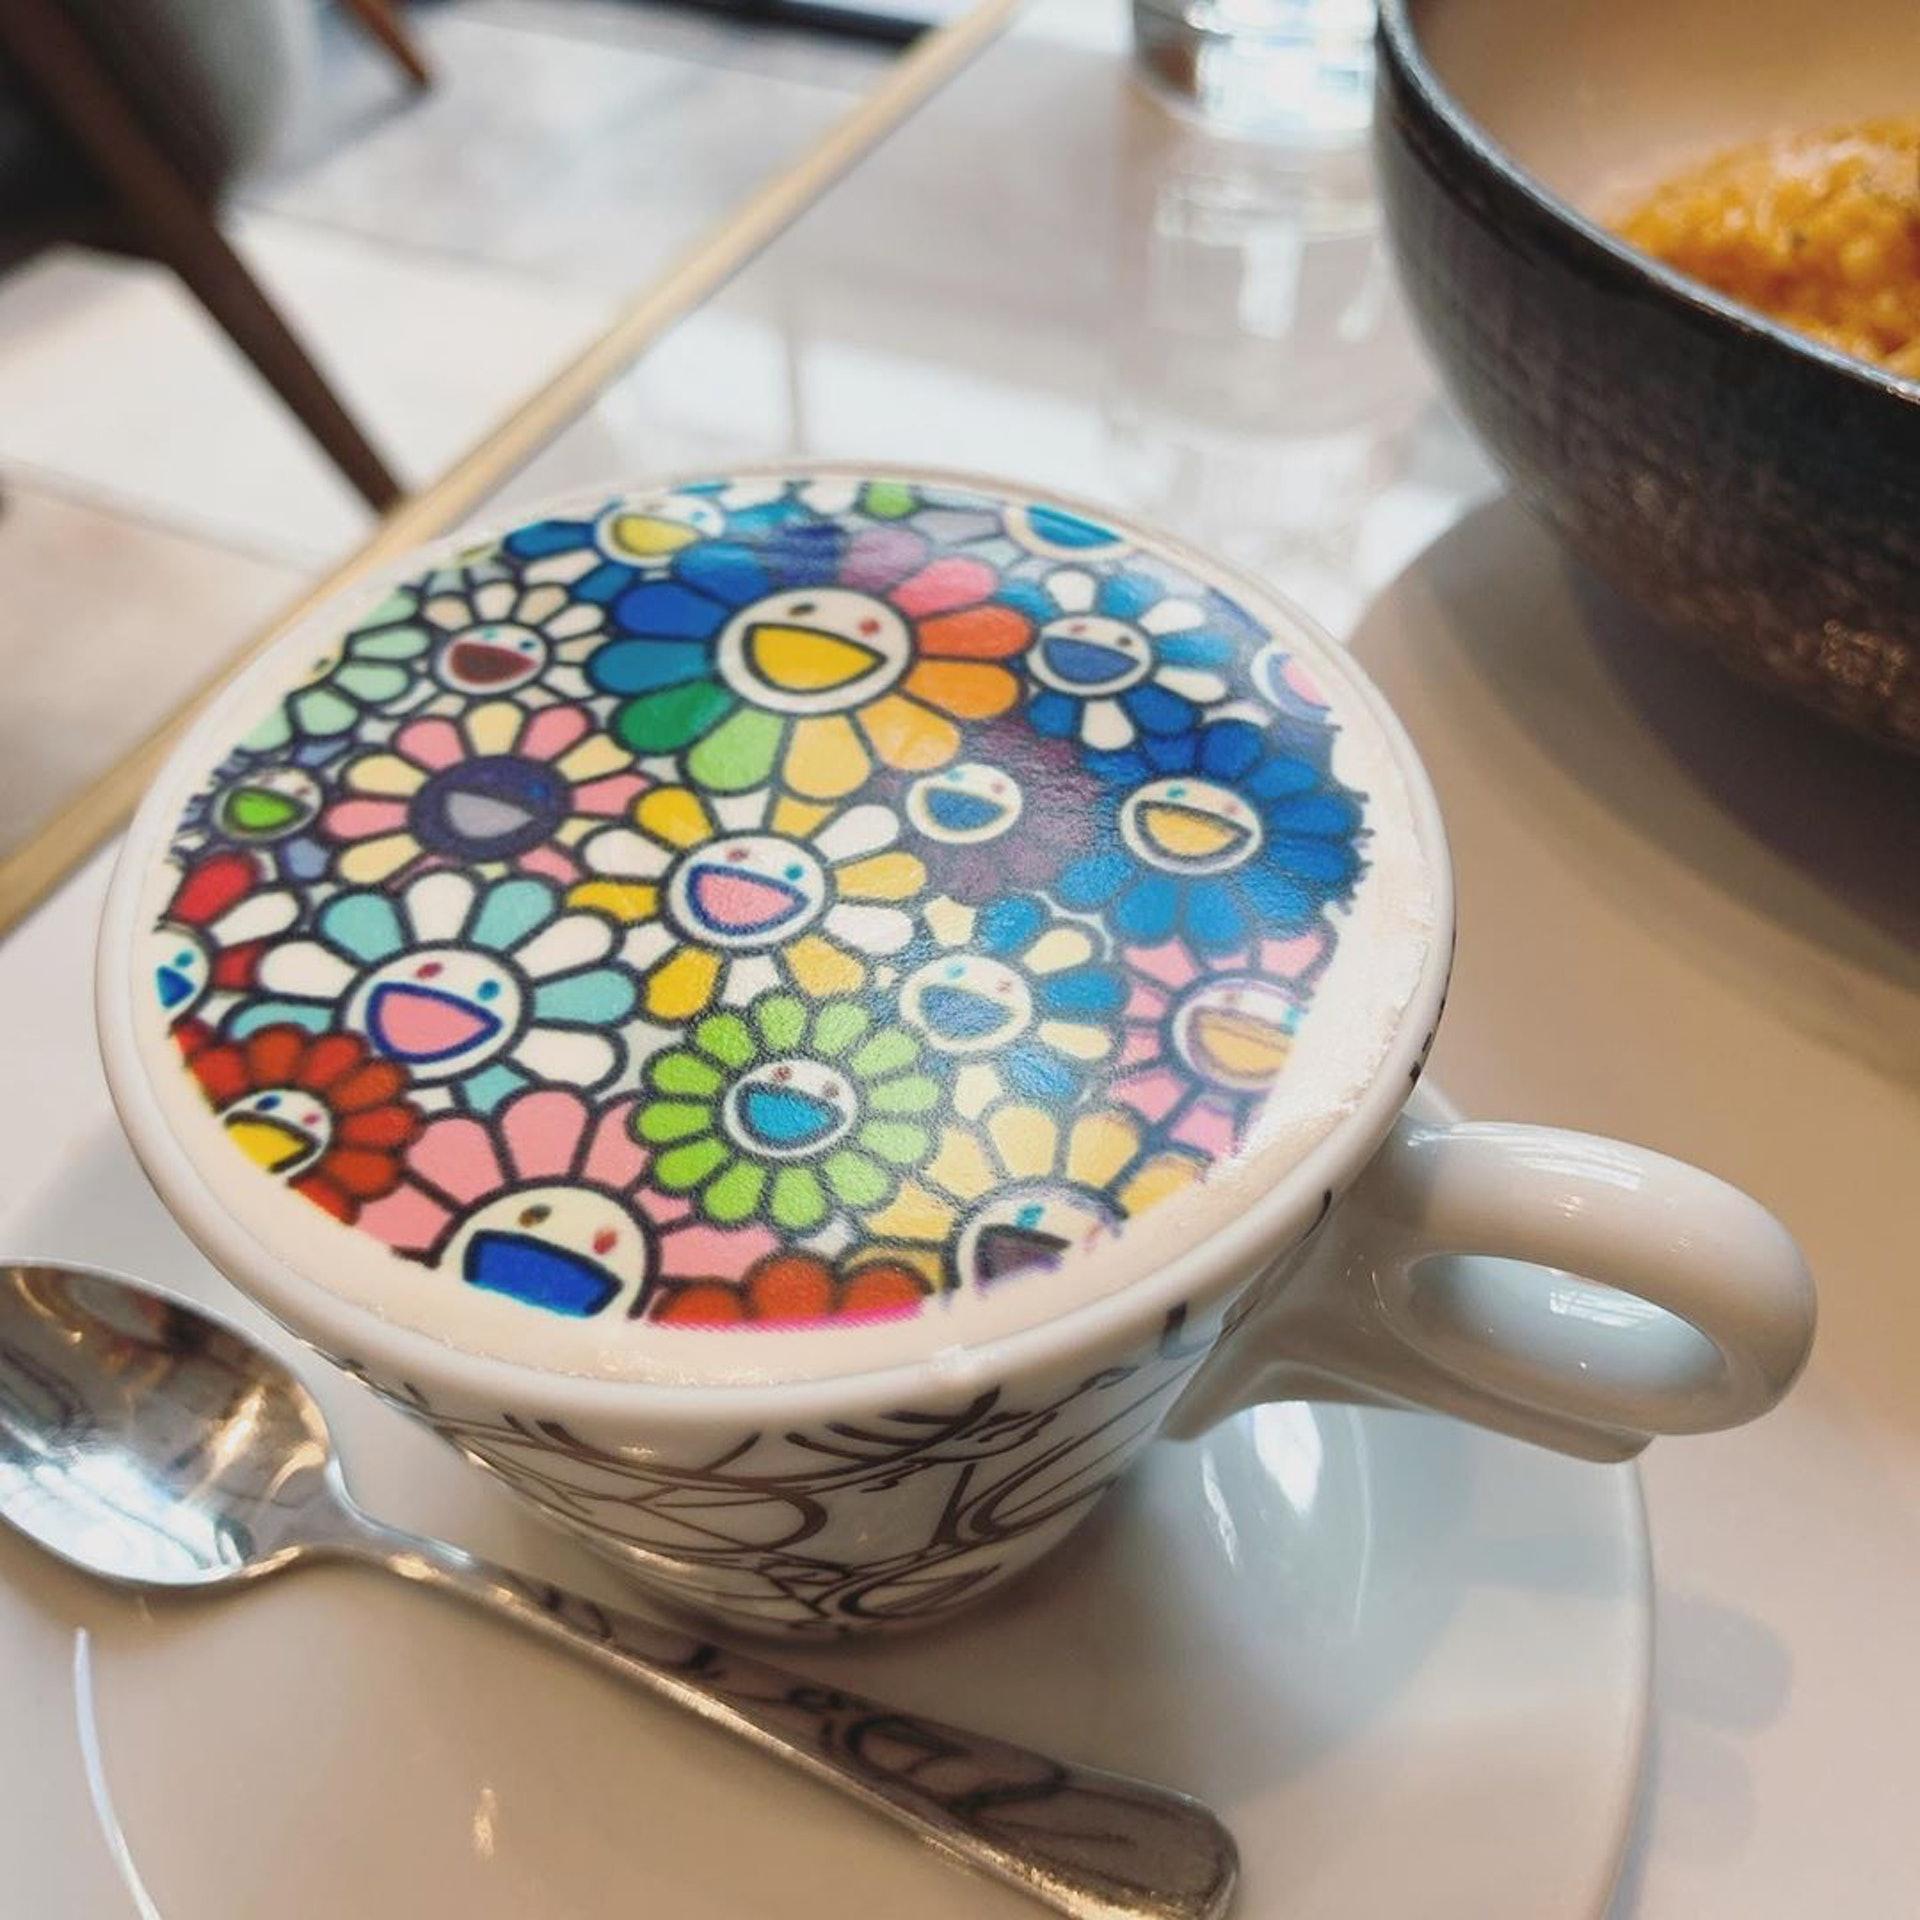 村上隆太陽花圖案咖啡。(ig@ icylvckg)